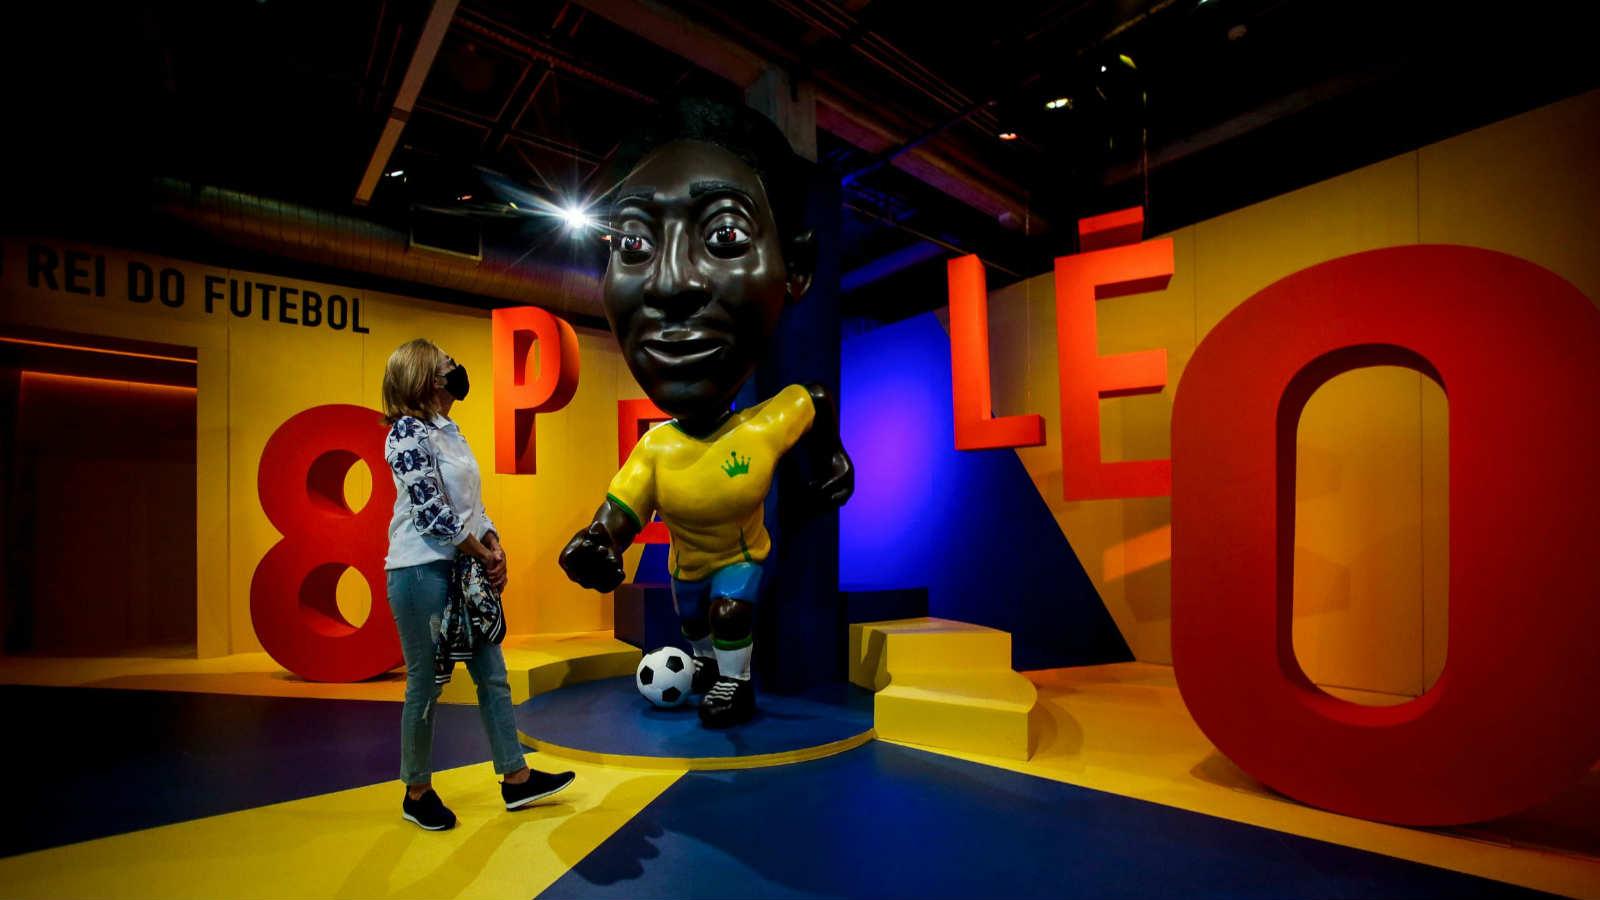 球王贝利迎80岁生日 巴西博物馆举行纪念展览